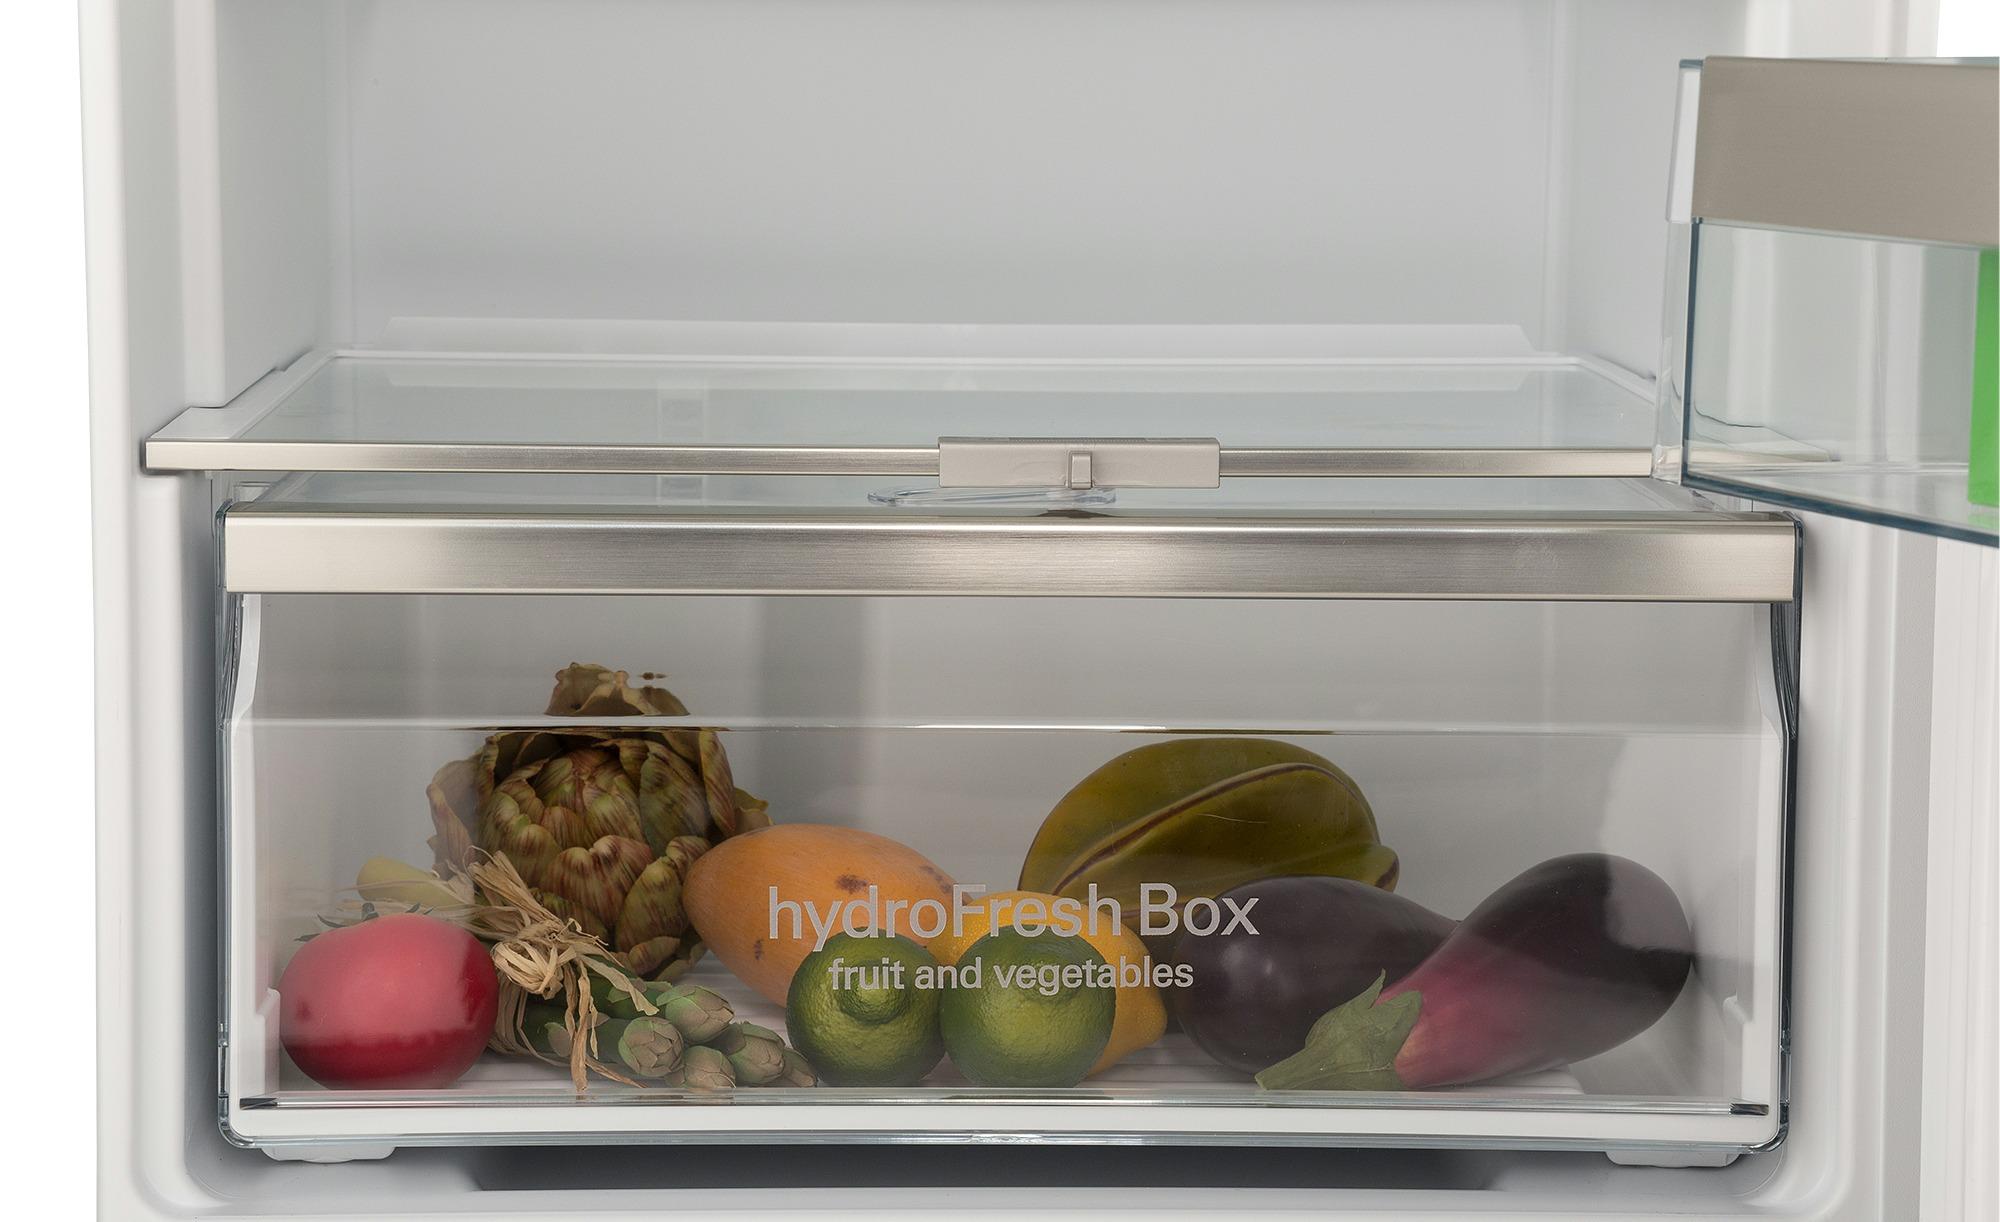 Siemens Kühlschrank A : Siemens einbau kühlschrank ki laf möbel höffner